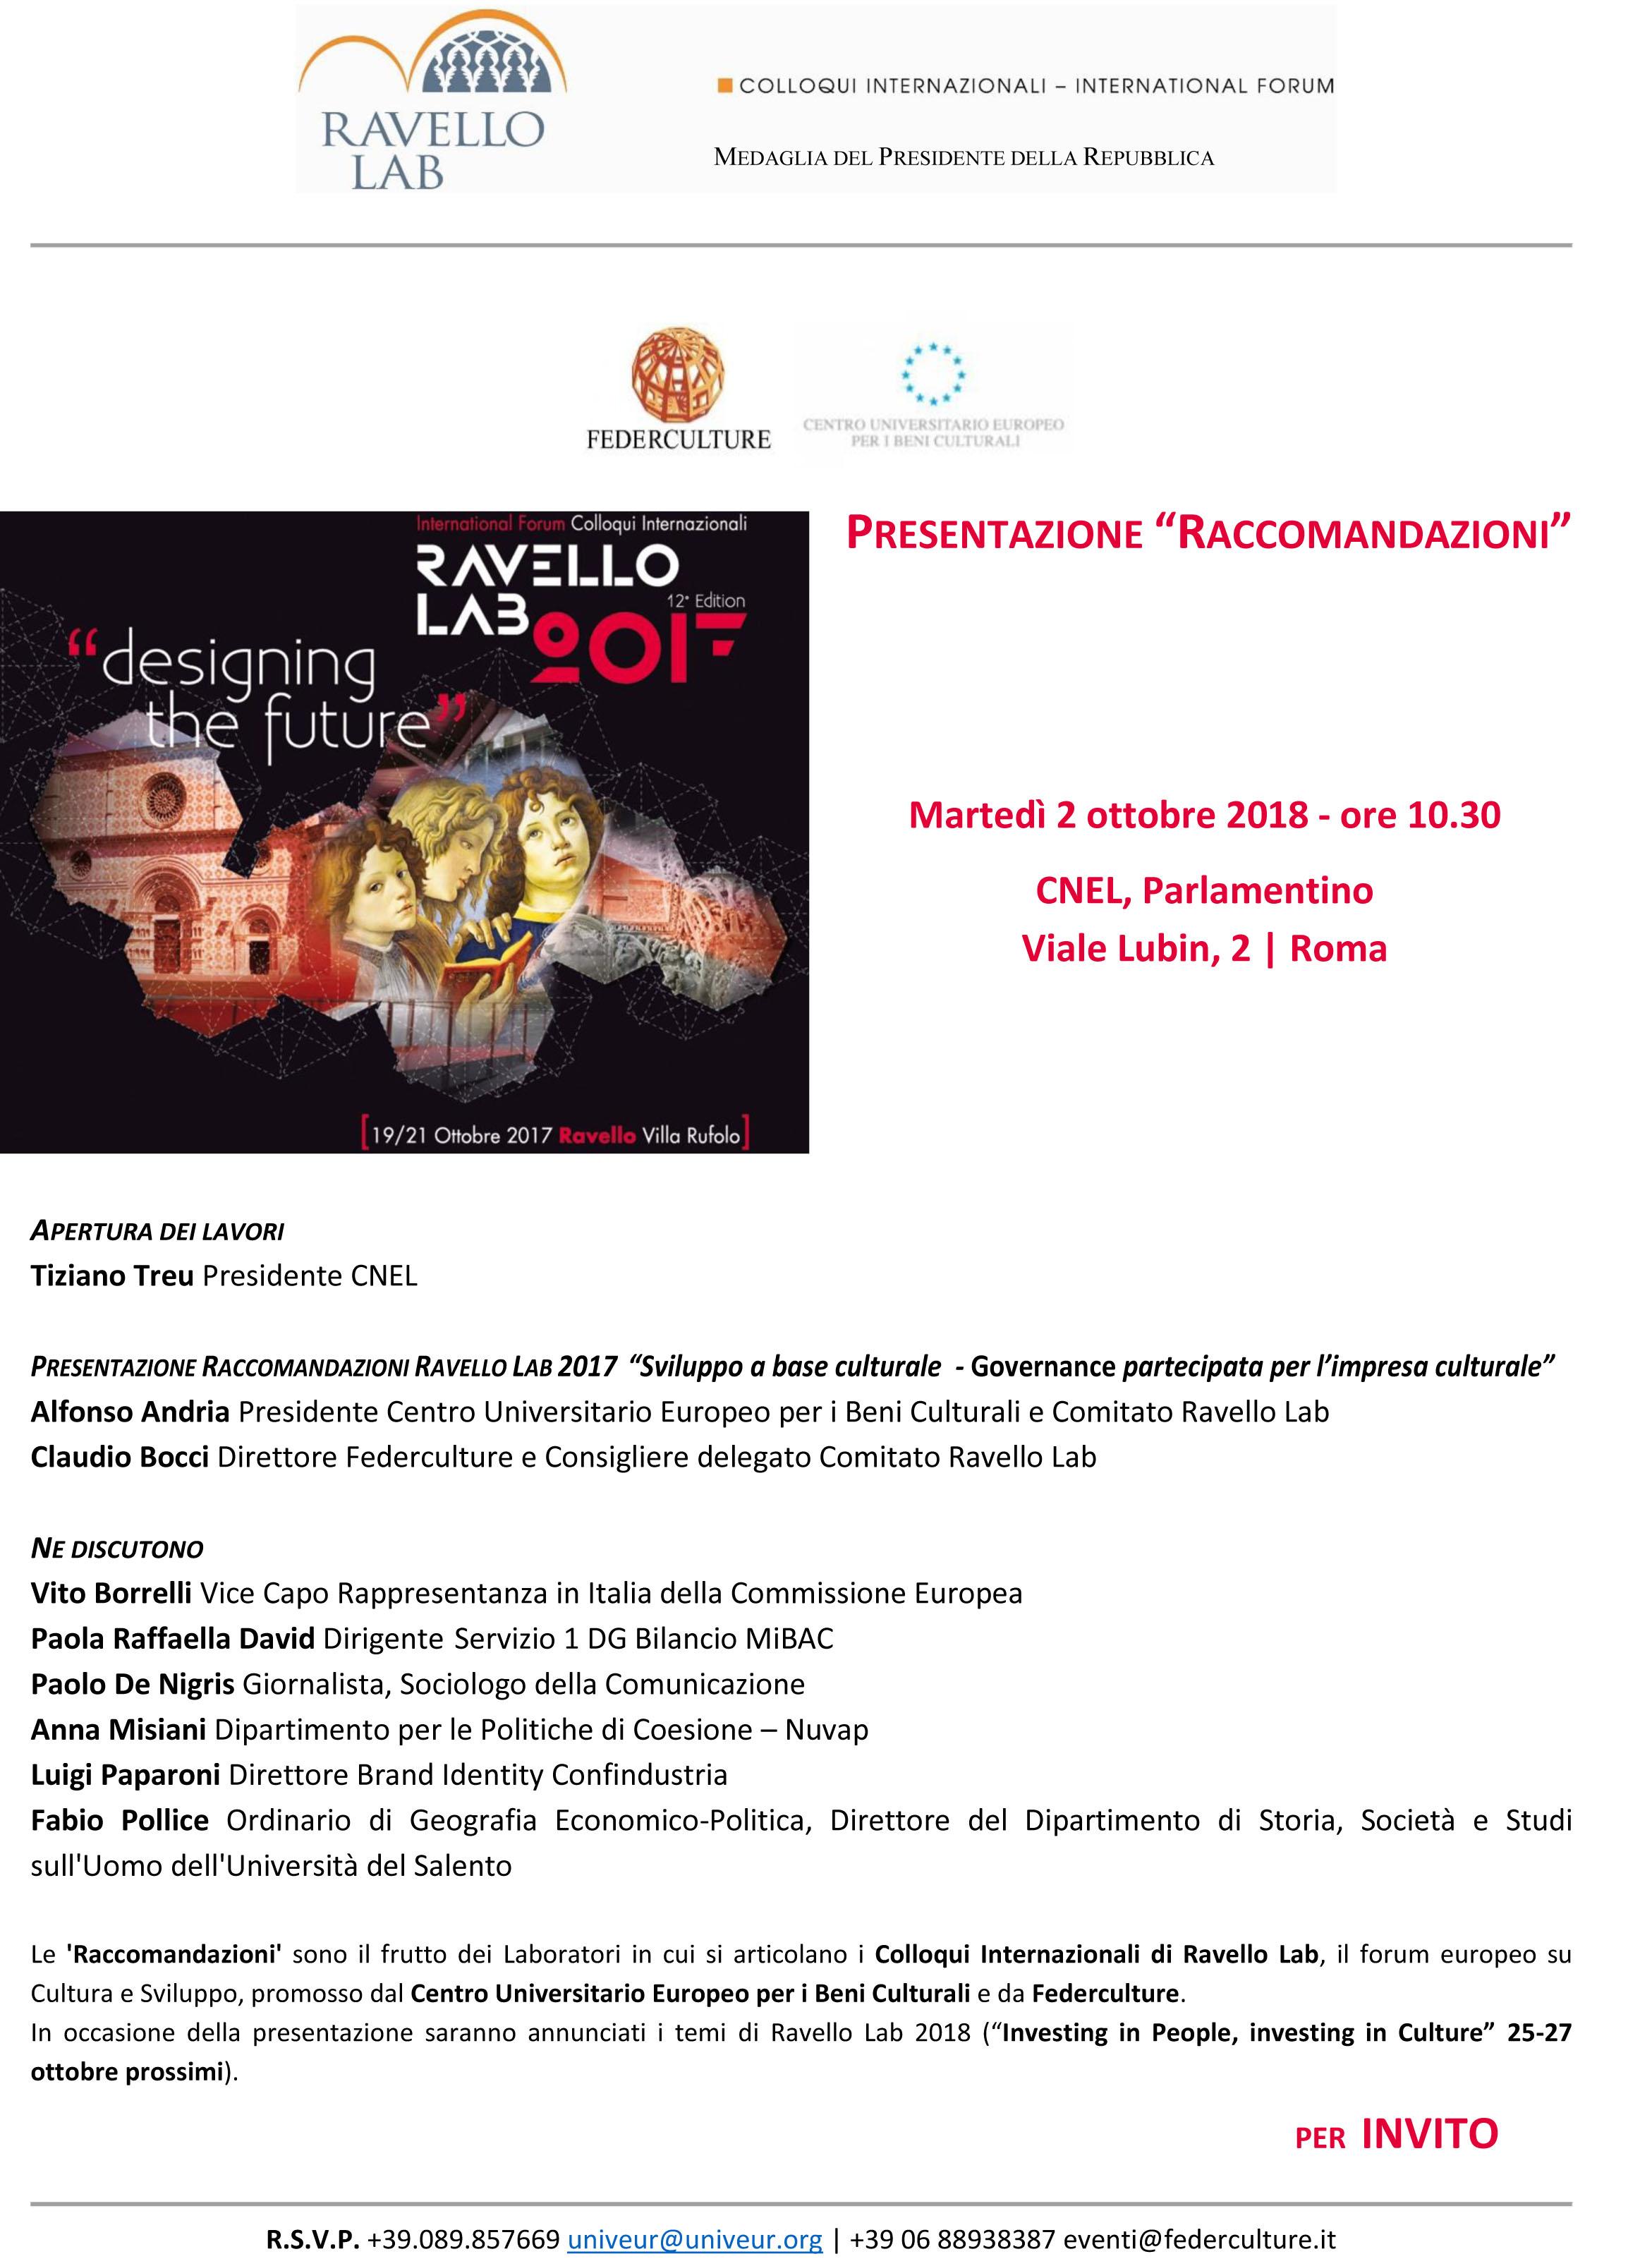 Locandina_Invito 2 ottobre_Ravello Lab